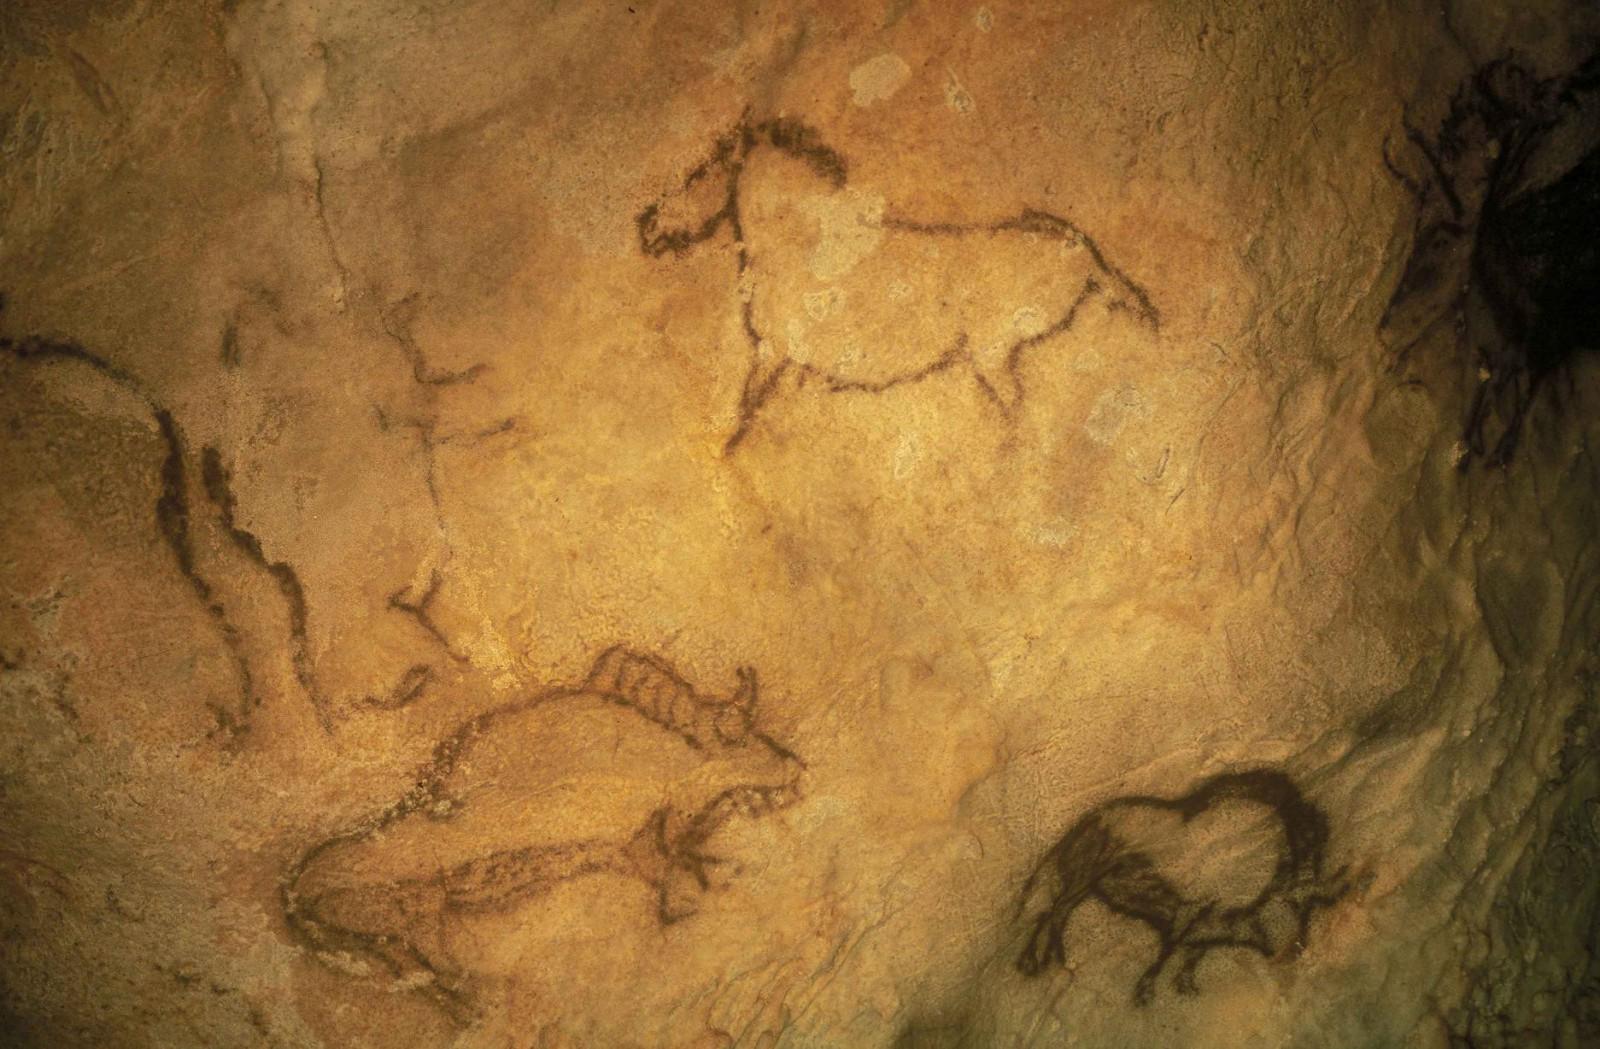 Cuevas de Santimamiñe. Archivo propiedad de Urremendi